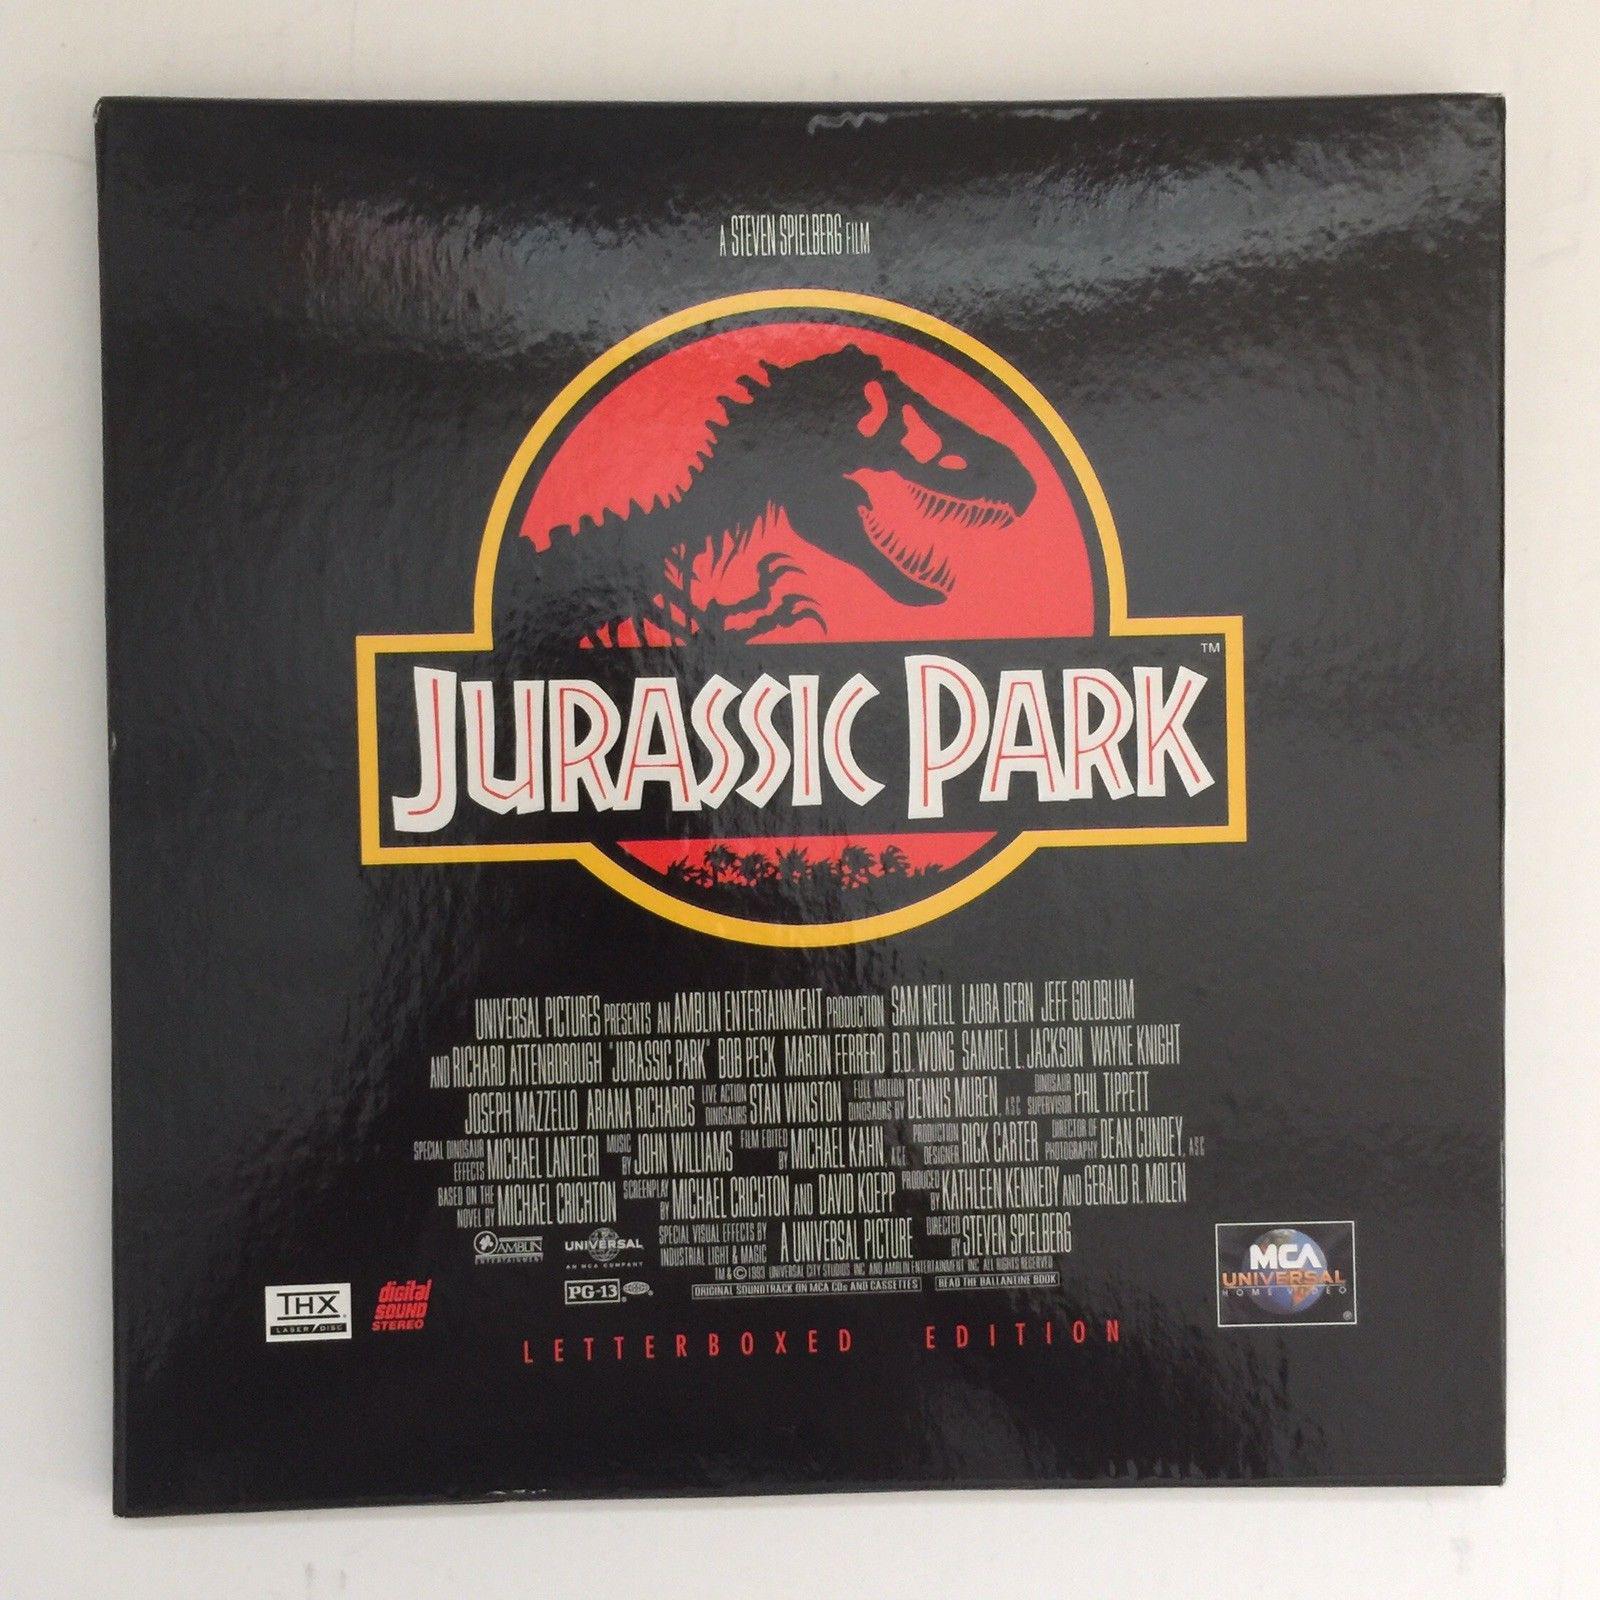 STEVEN SPEILBERG - Jurassic Park Collector's Box Set - Laser Disc